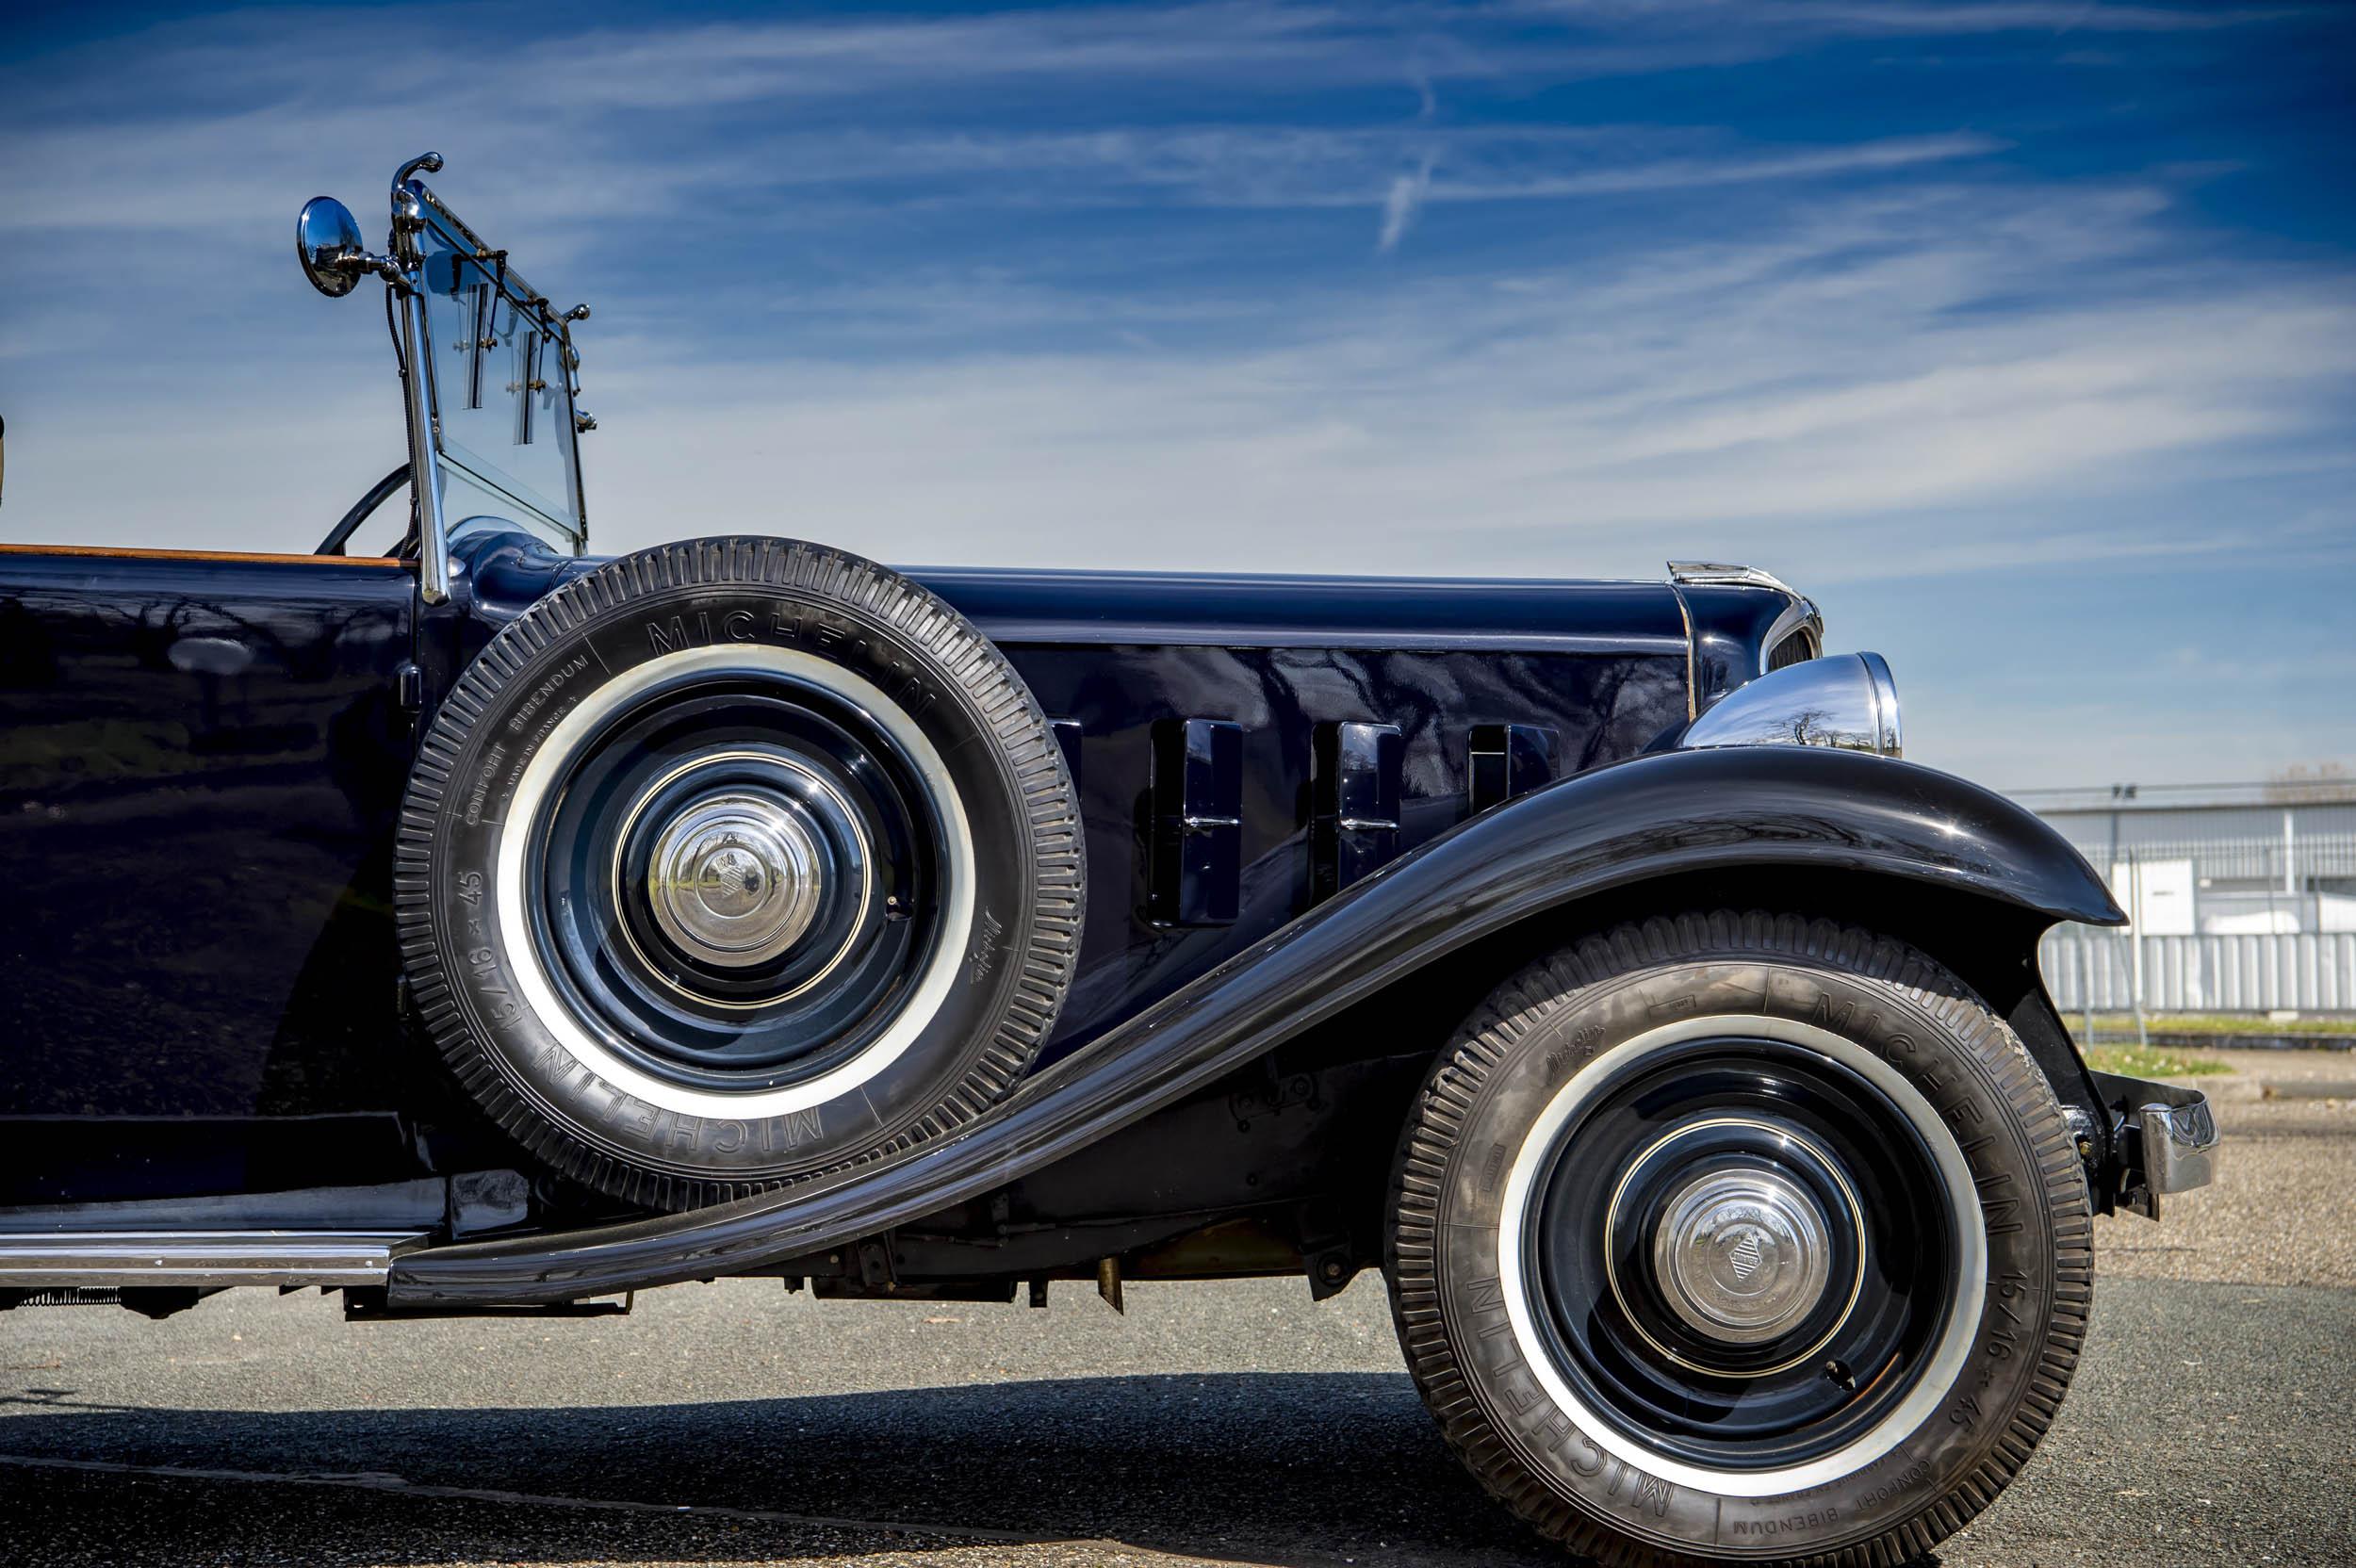 1929 renault nervastella coupe de ville front side